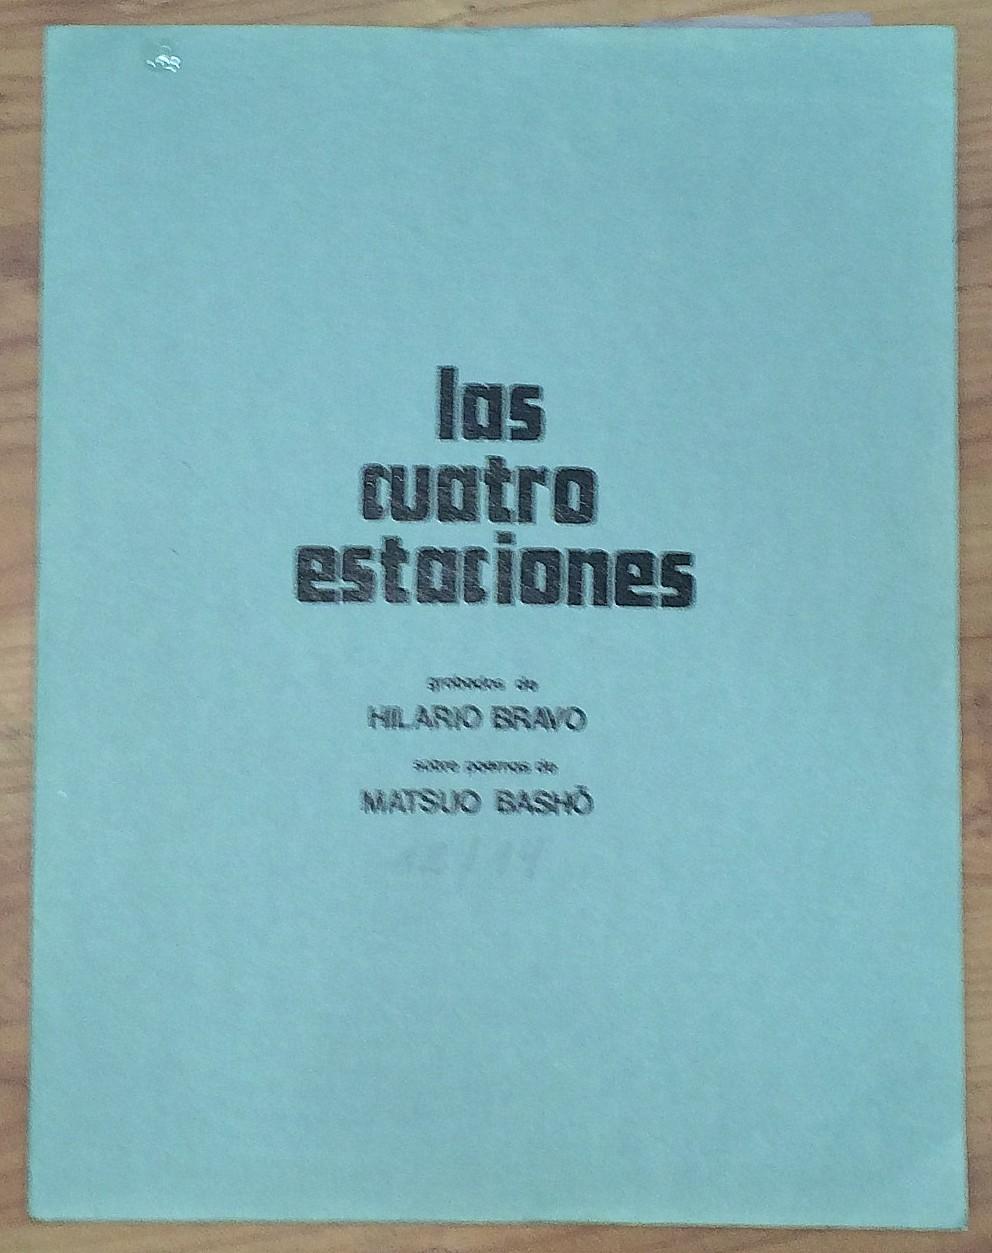 Las cuatro estaciones. Grabados de Hilario Bravo sobre poemas de Matsuo Bashó